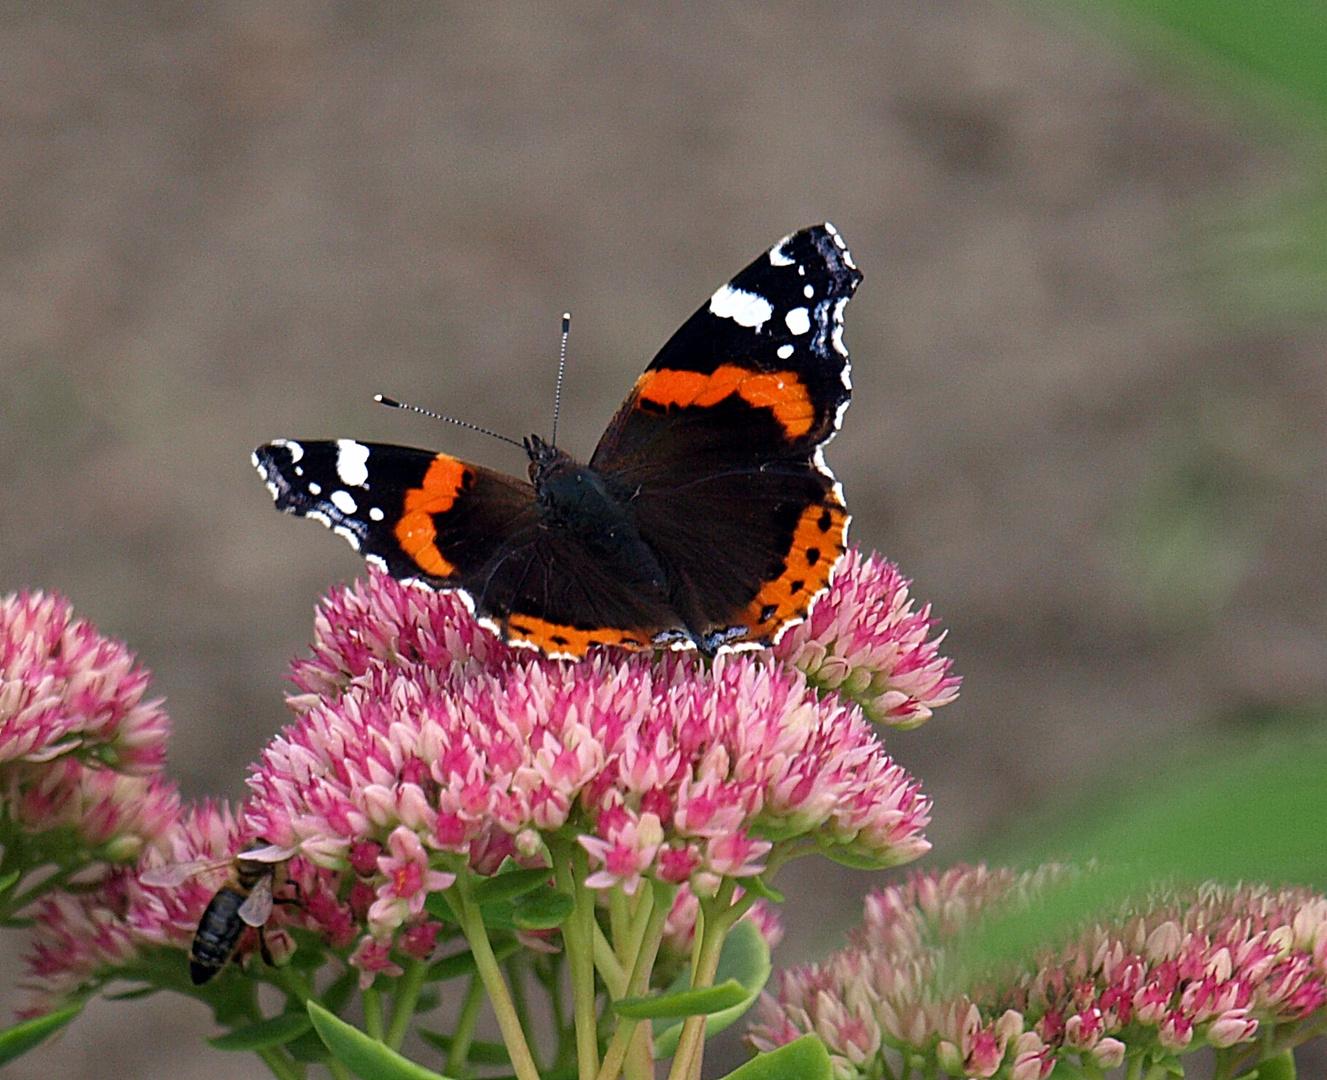 Schmetterling beim sammeln von Blütenpollen